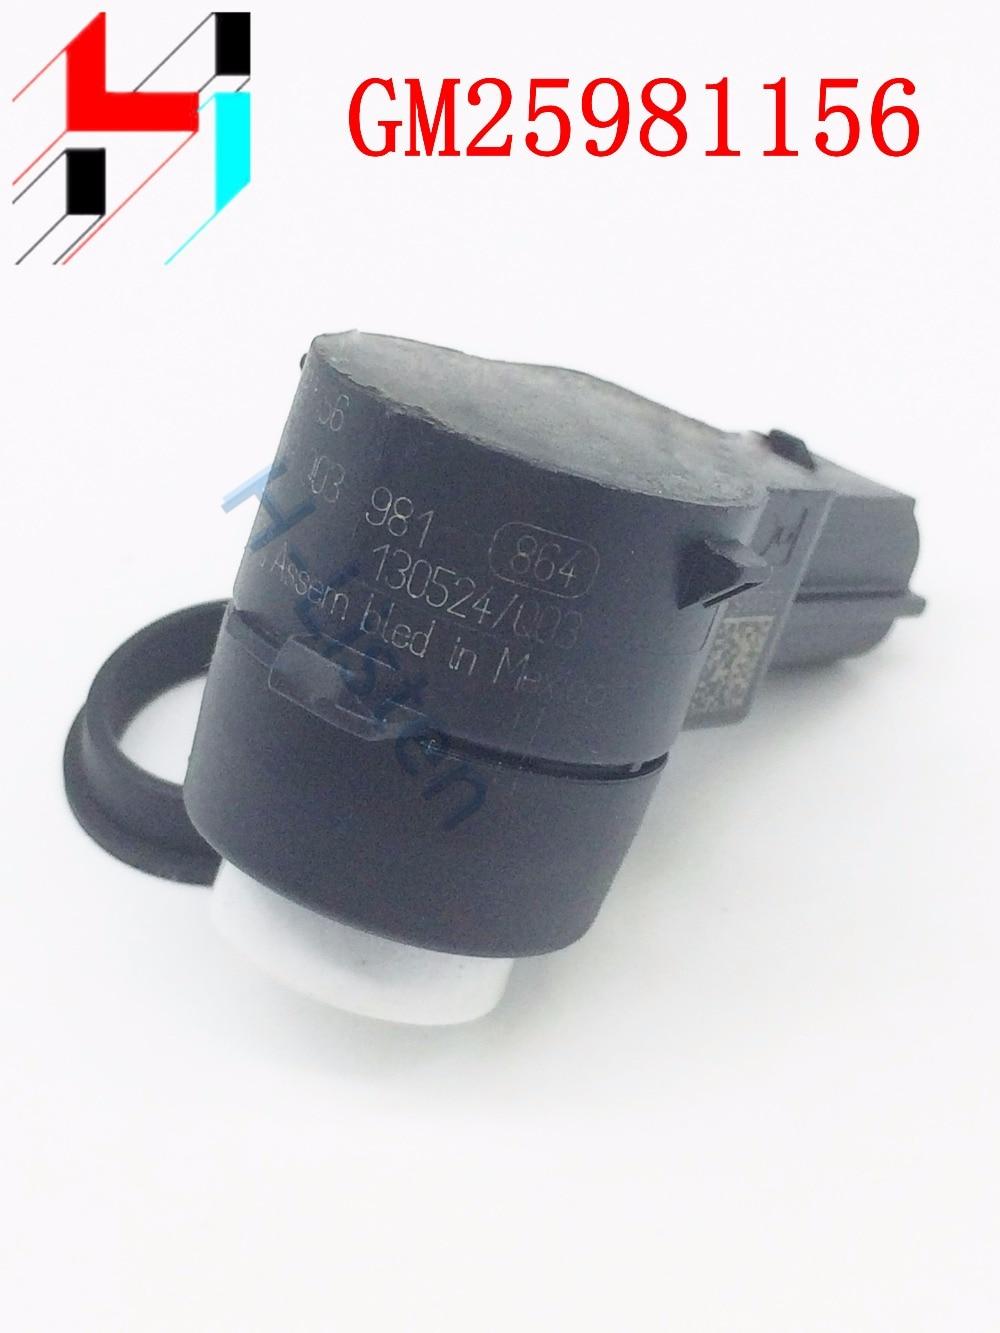 (10pcs) Original Auto Parts Parking Sensor 25981156 Pdc Sensor Parking Distance For Oe# 0263003981